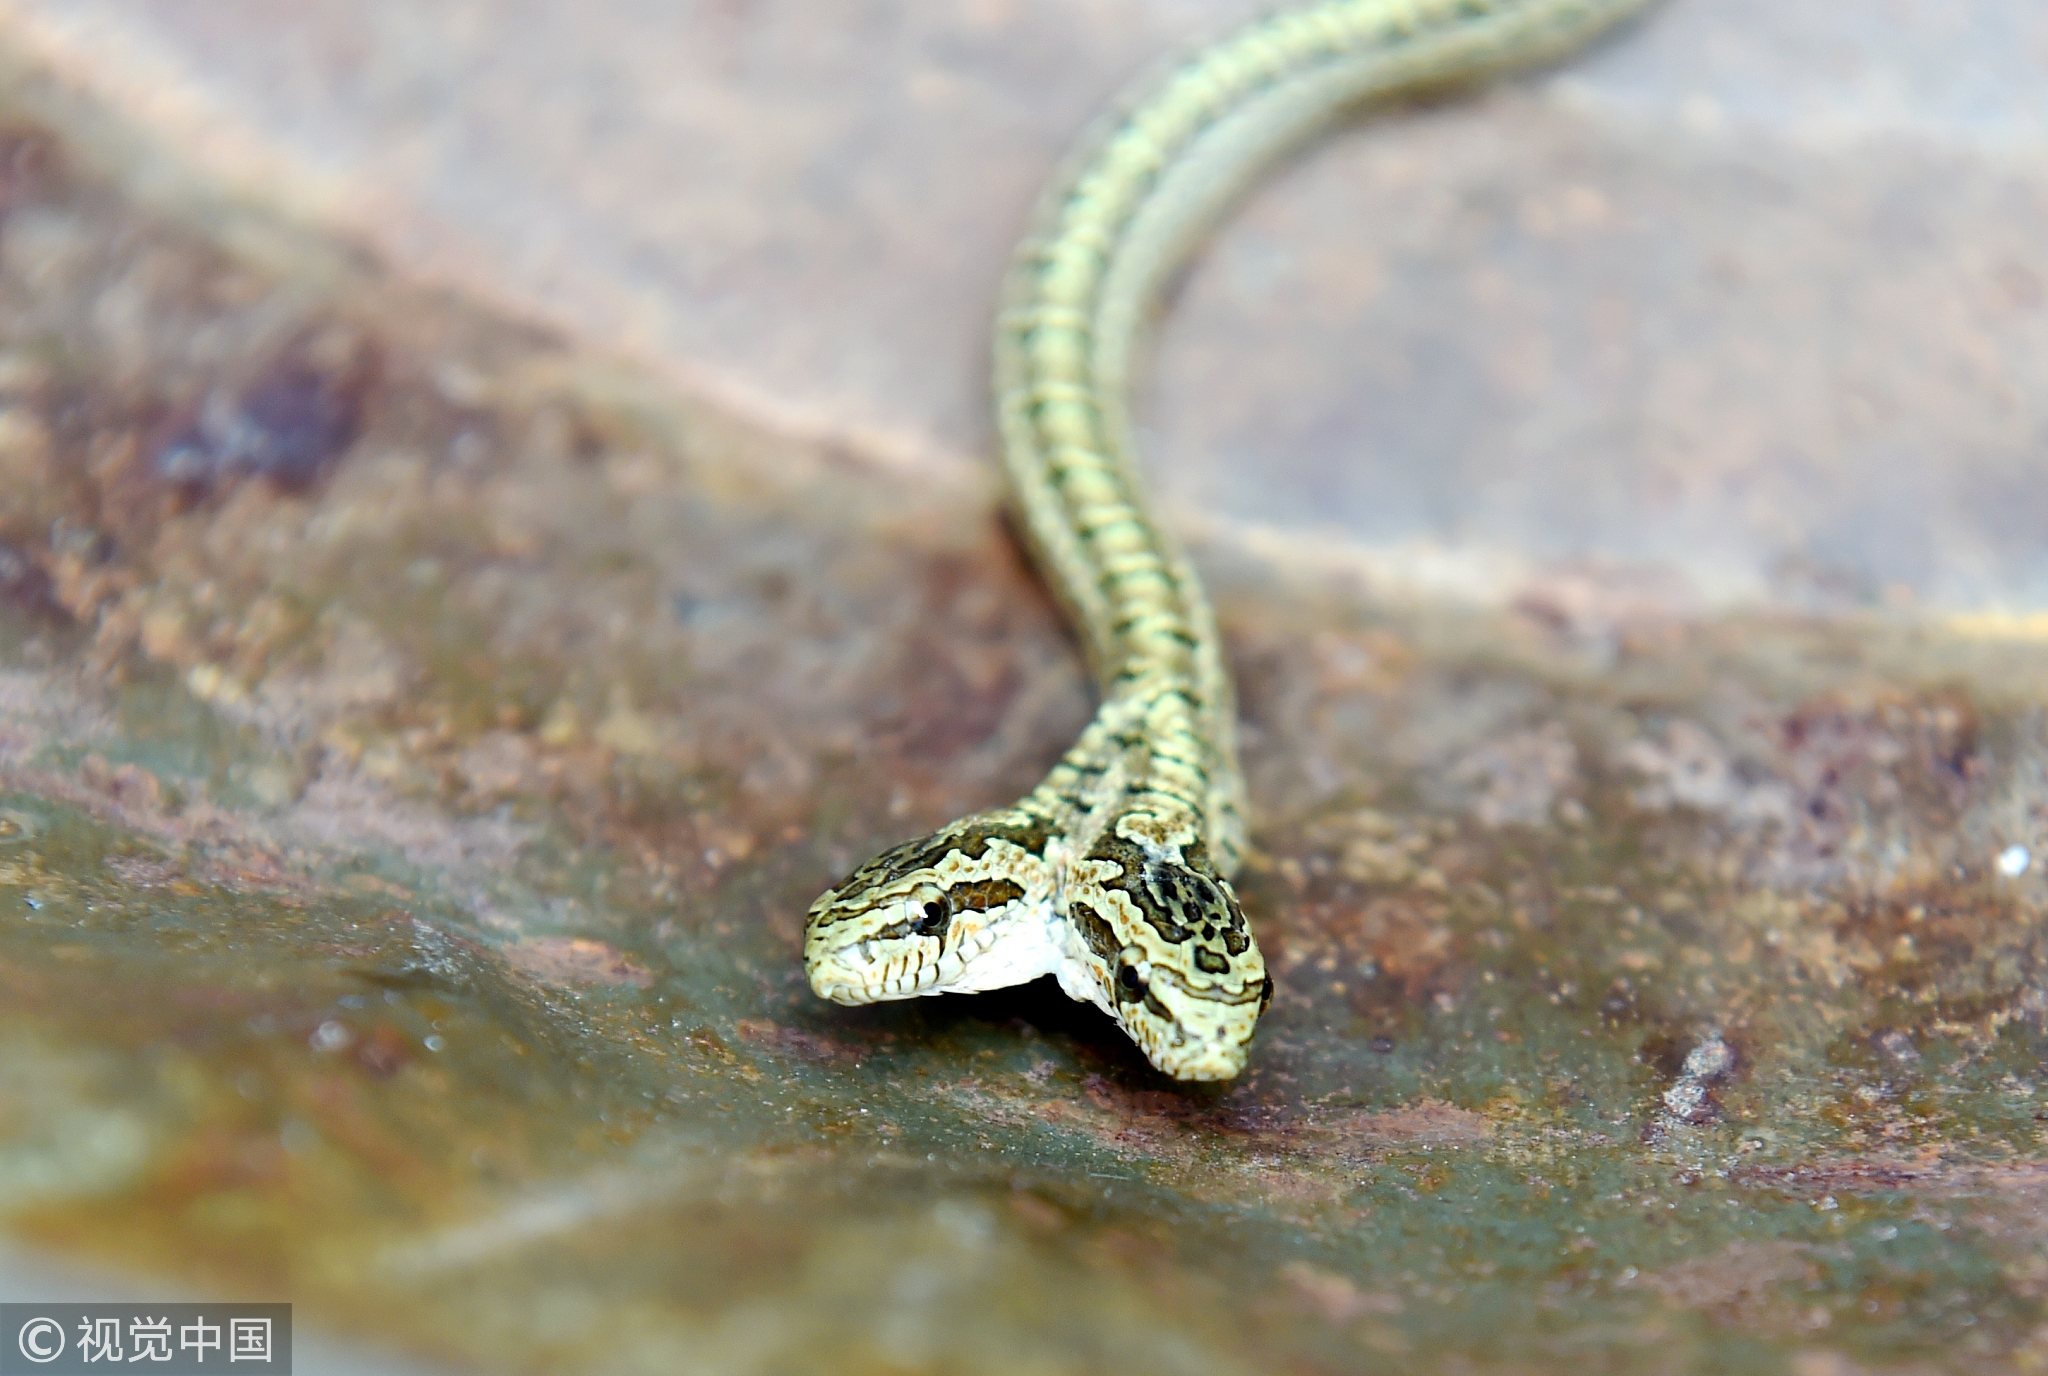 【新鲜事】河南农户家发现双头蛇 疑似基因突变! - 周公乐 - xinhua8848 的博客